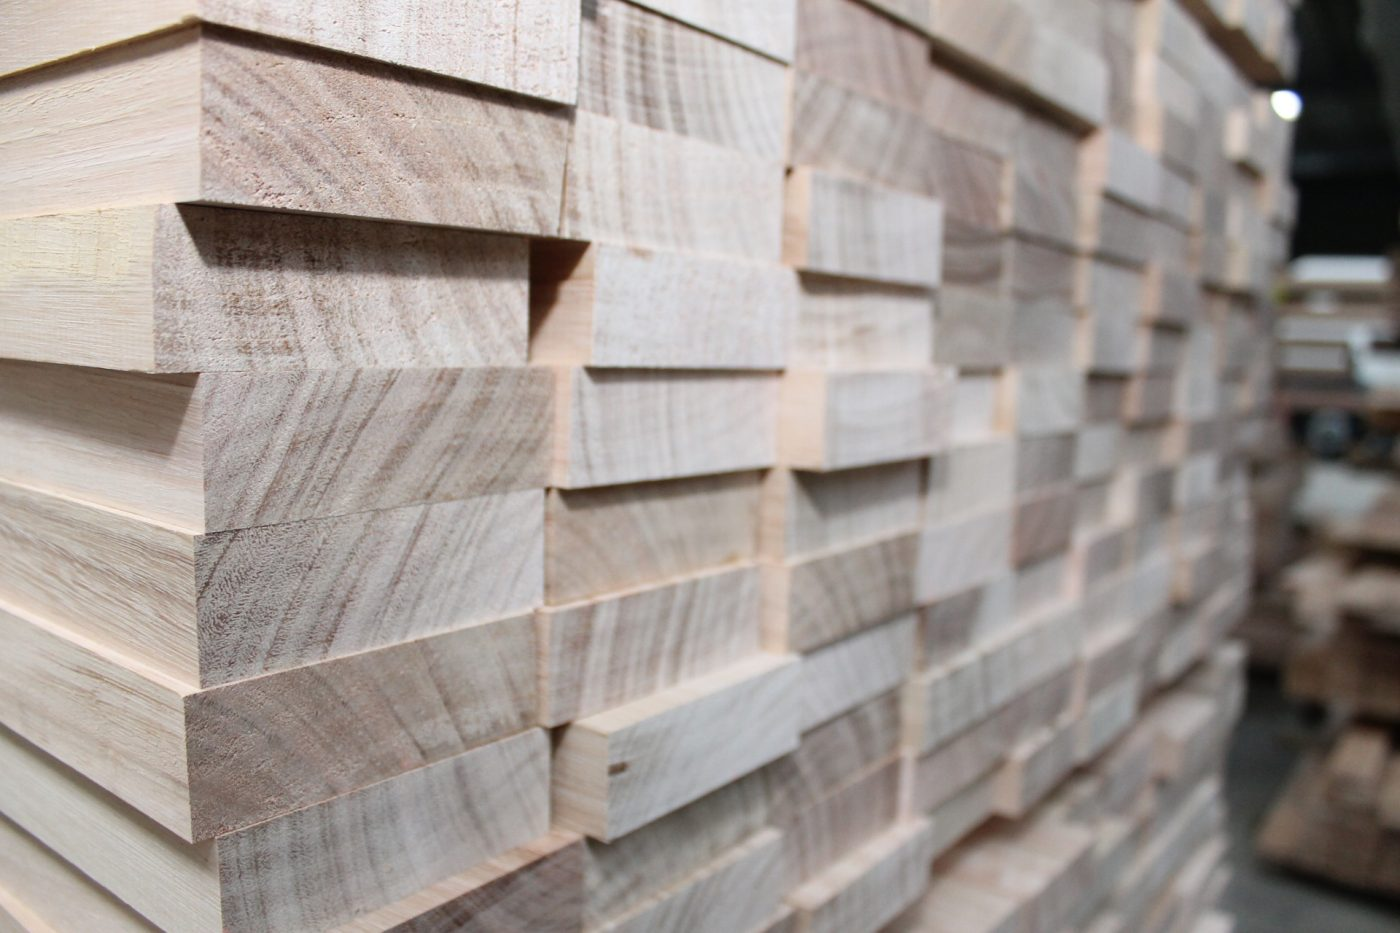 La demanda de celulosa, cajas y palés para alimentación sostienen al sector